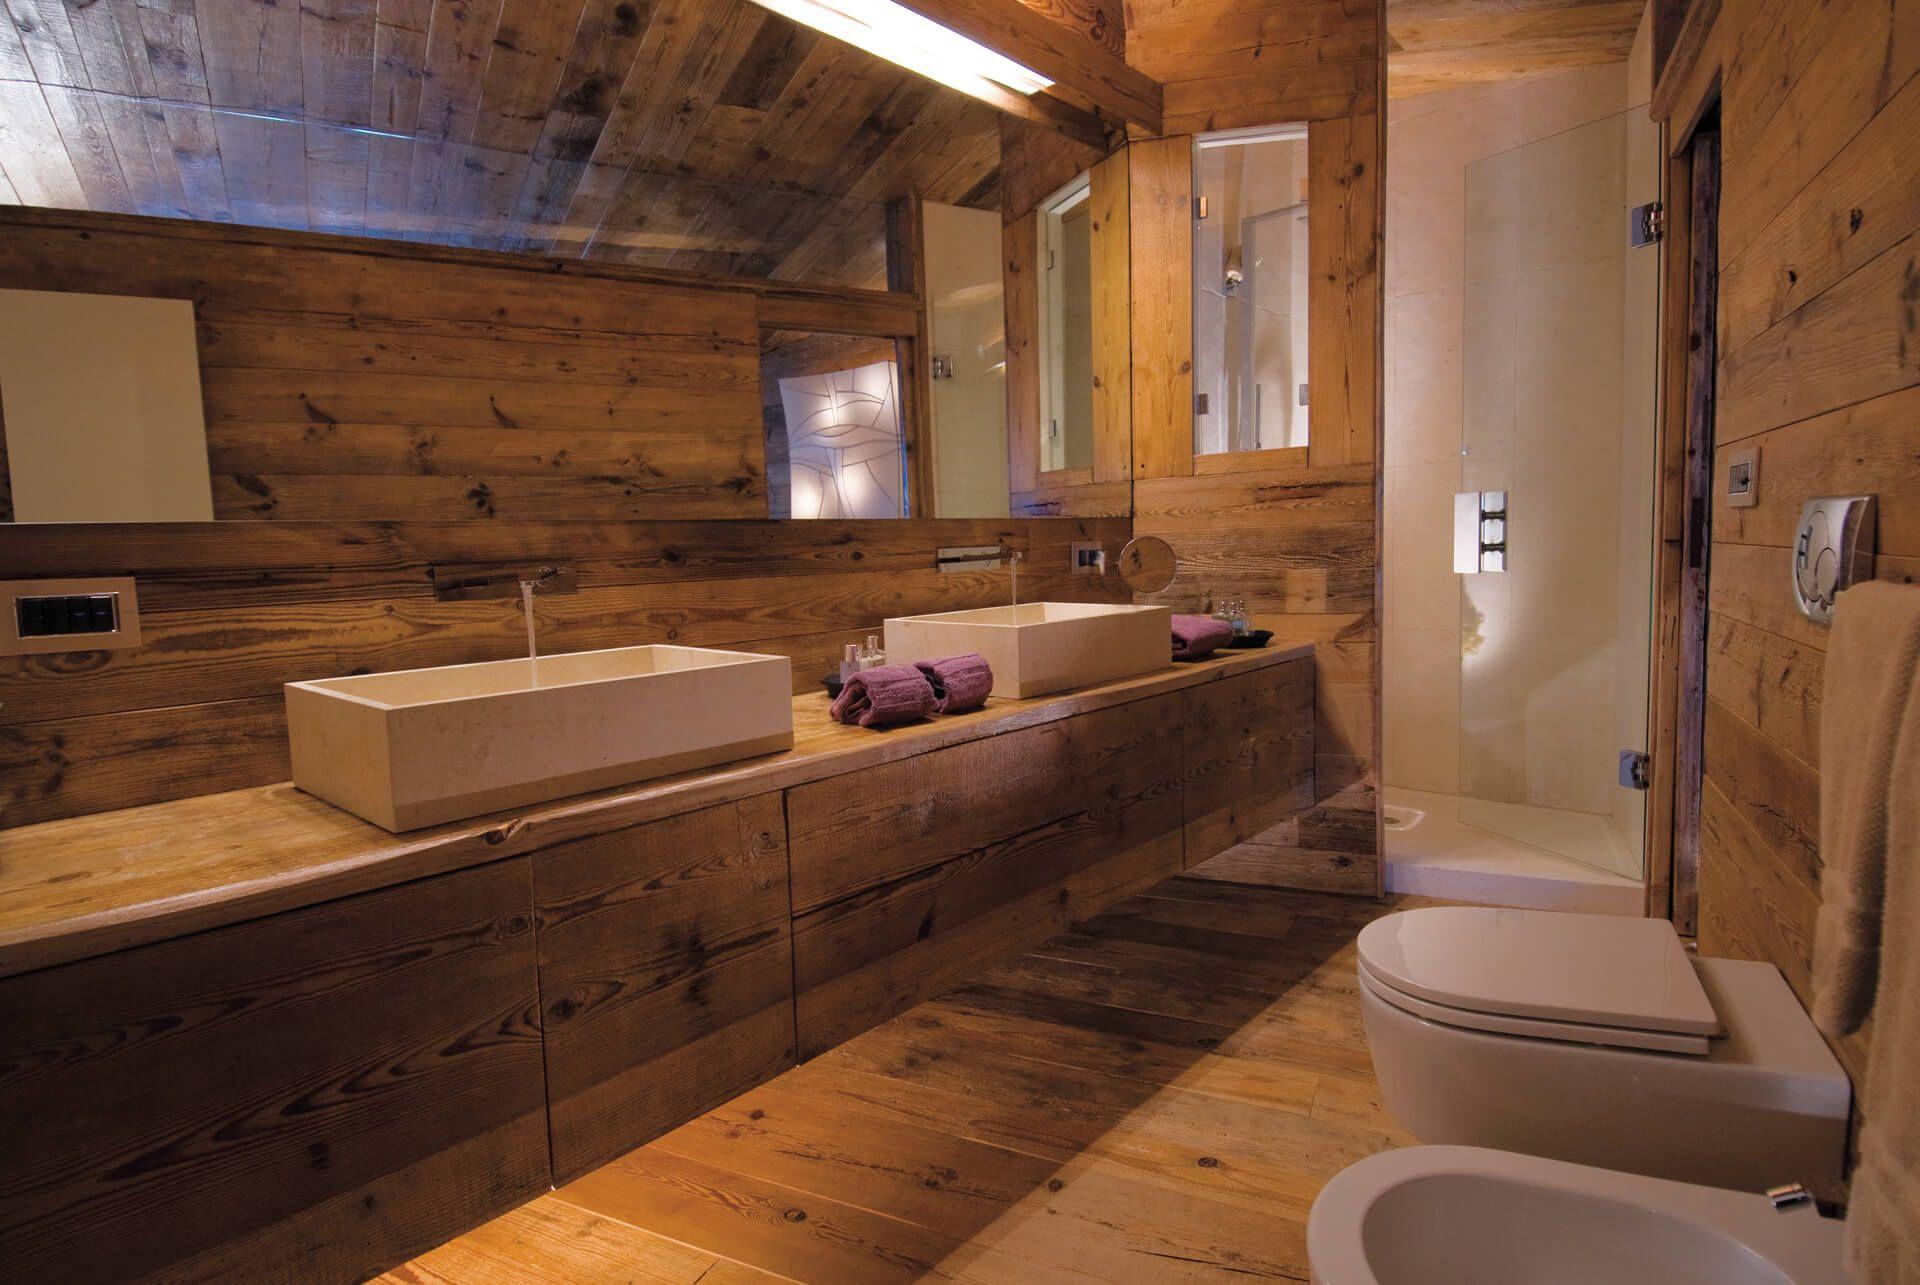 Bagno Montagna ~ Idee per l arredo casa in montagna progettazione casa paradiso